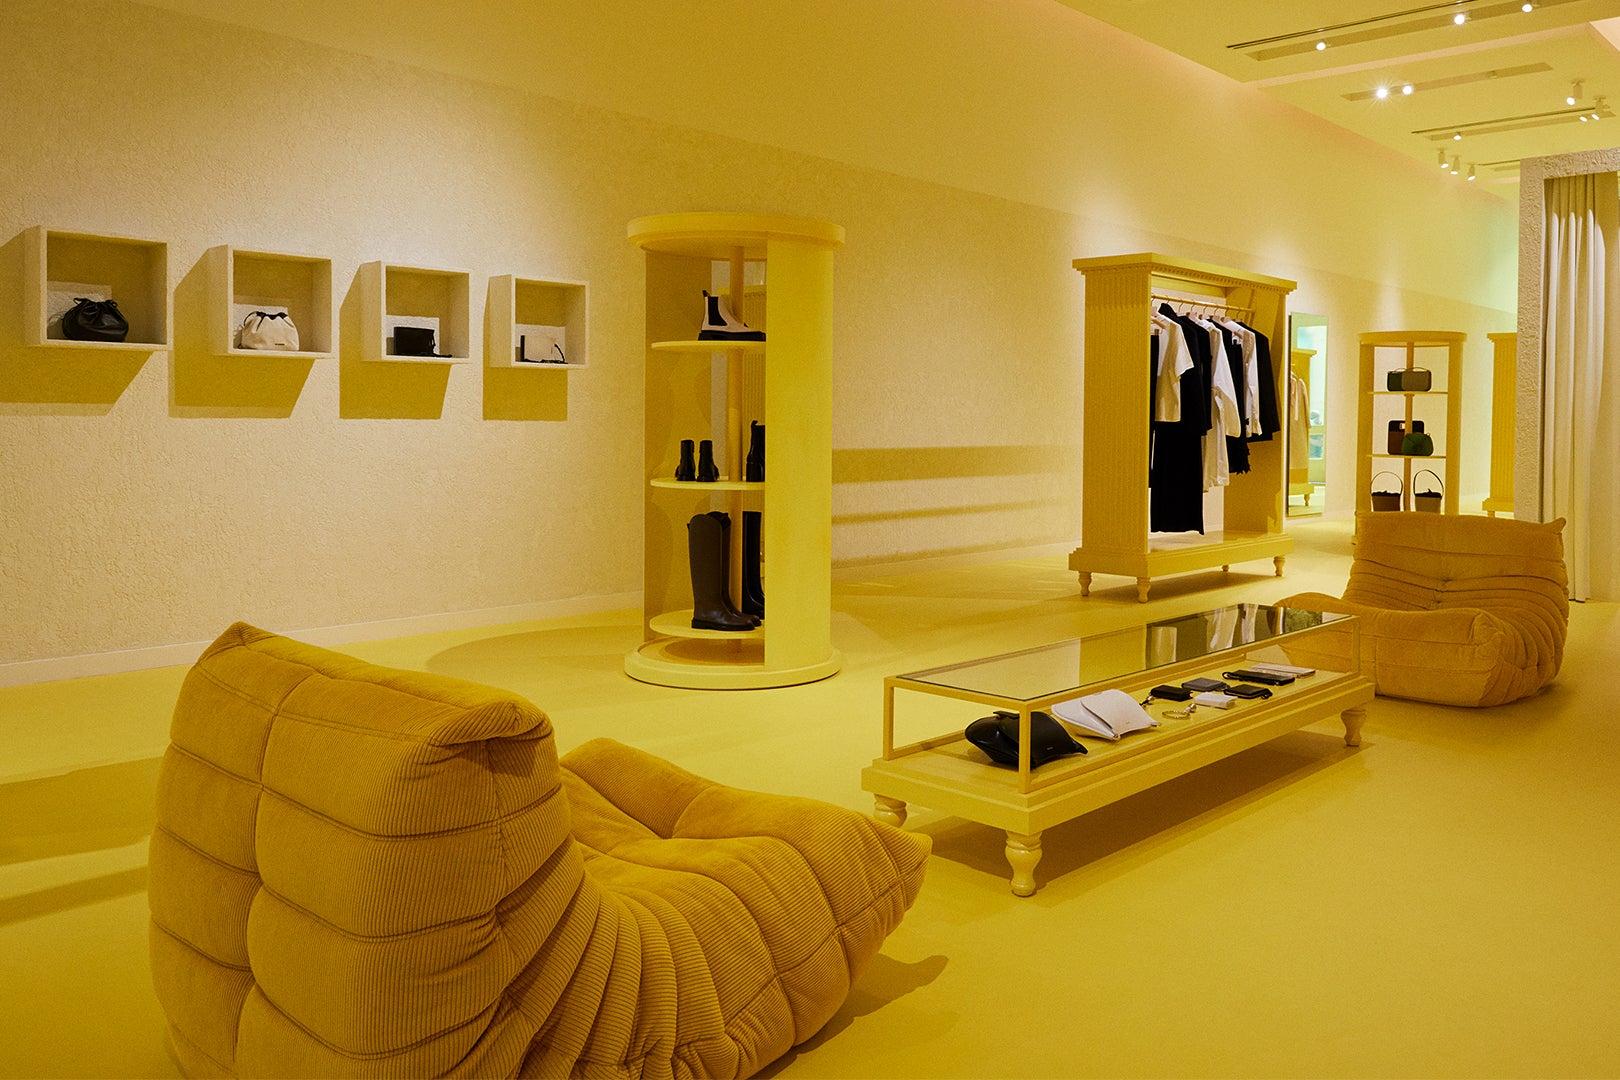 yellow store interior